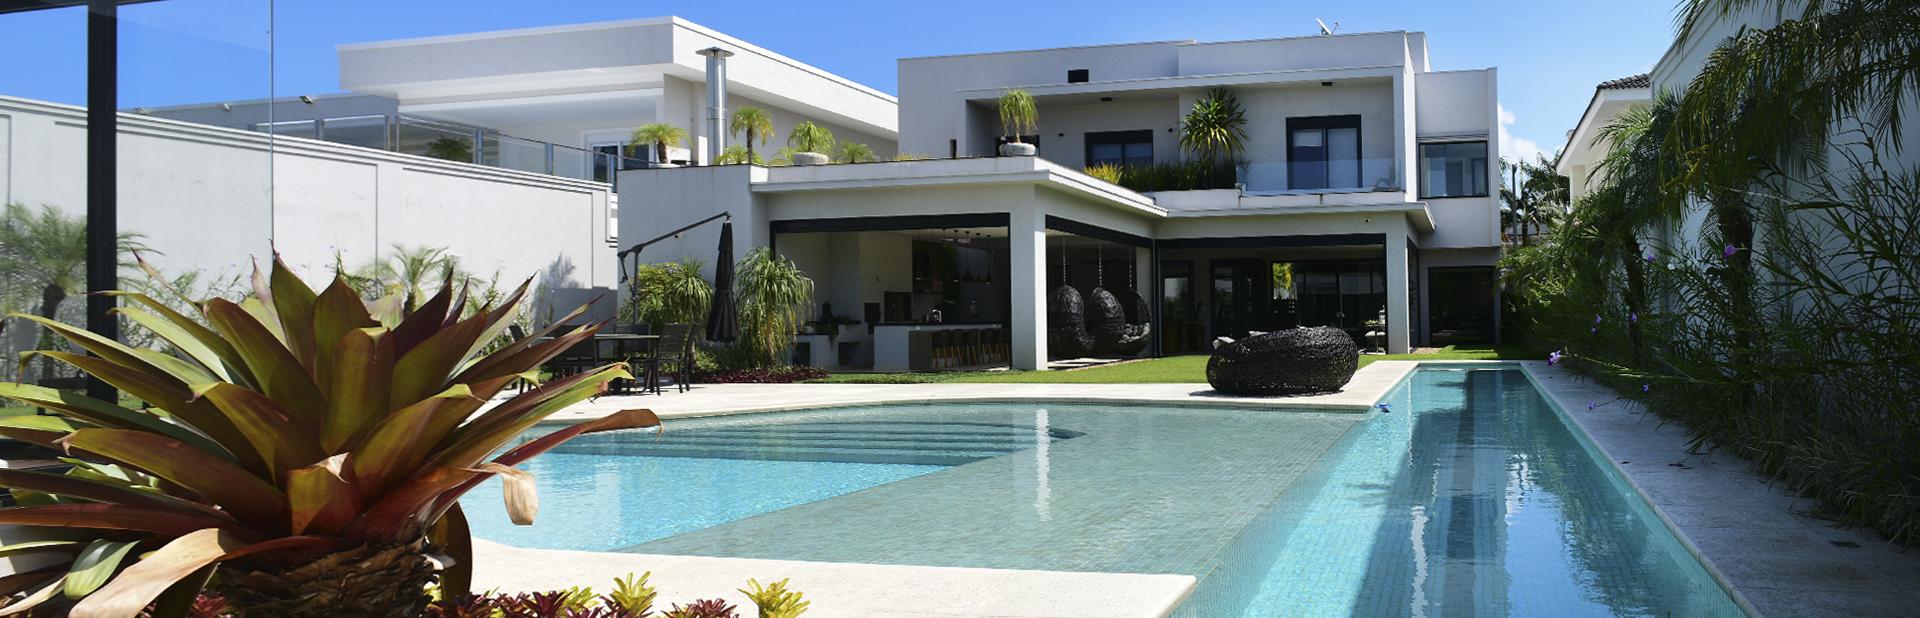 Esta bela mansão do Jardim Acapulco é simplesmente escultural.